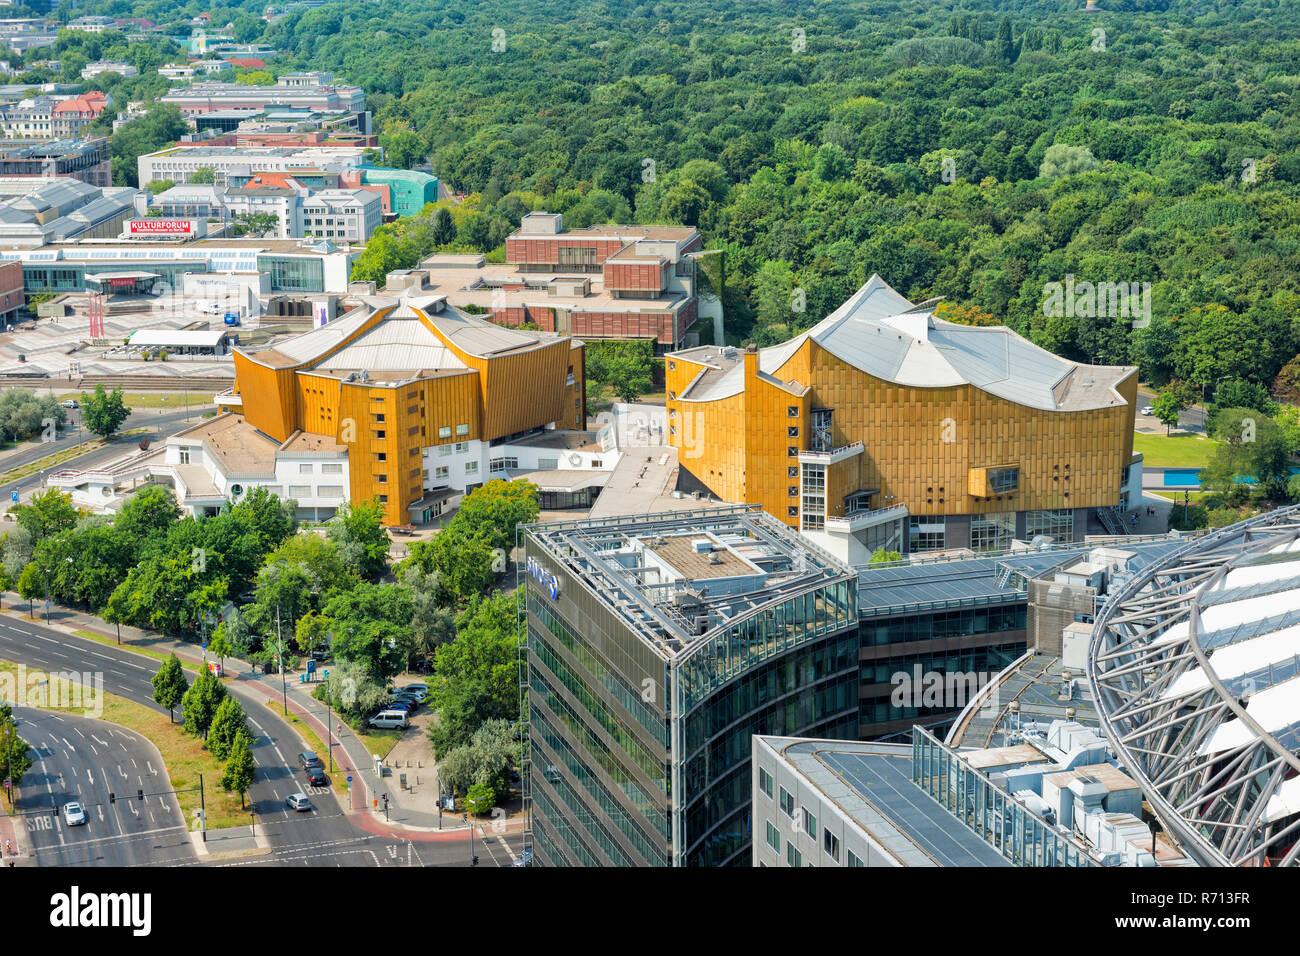 Berliner Philharmonie, concert hall and Großer Tiergarten, inner-city park, Berlin, Germany - Stock Image